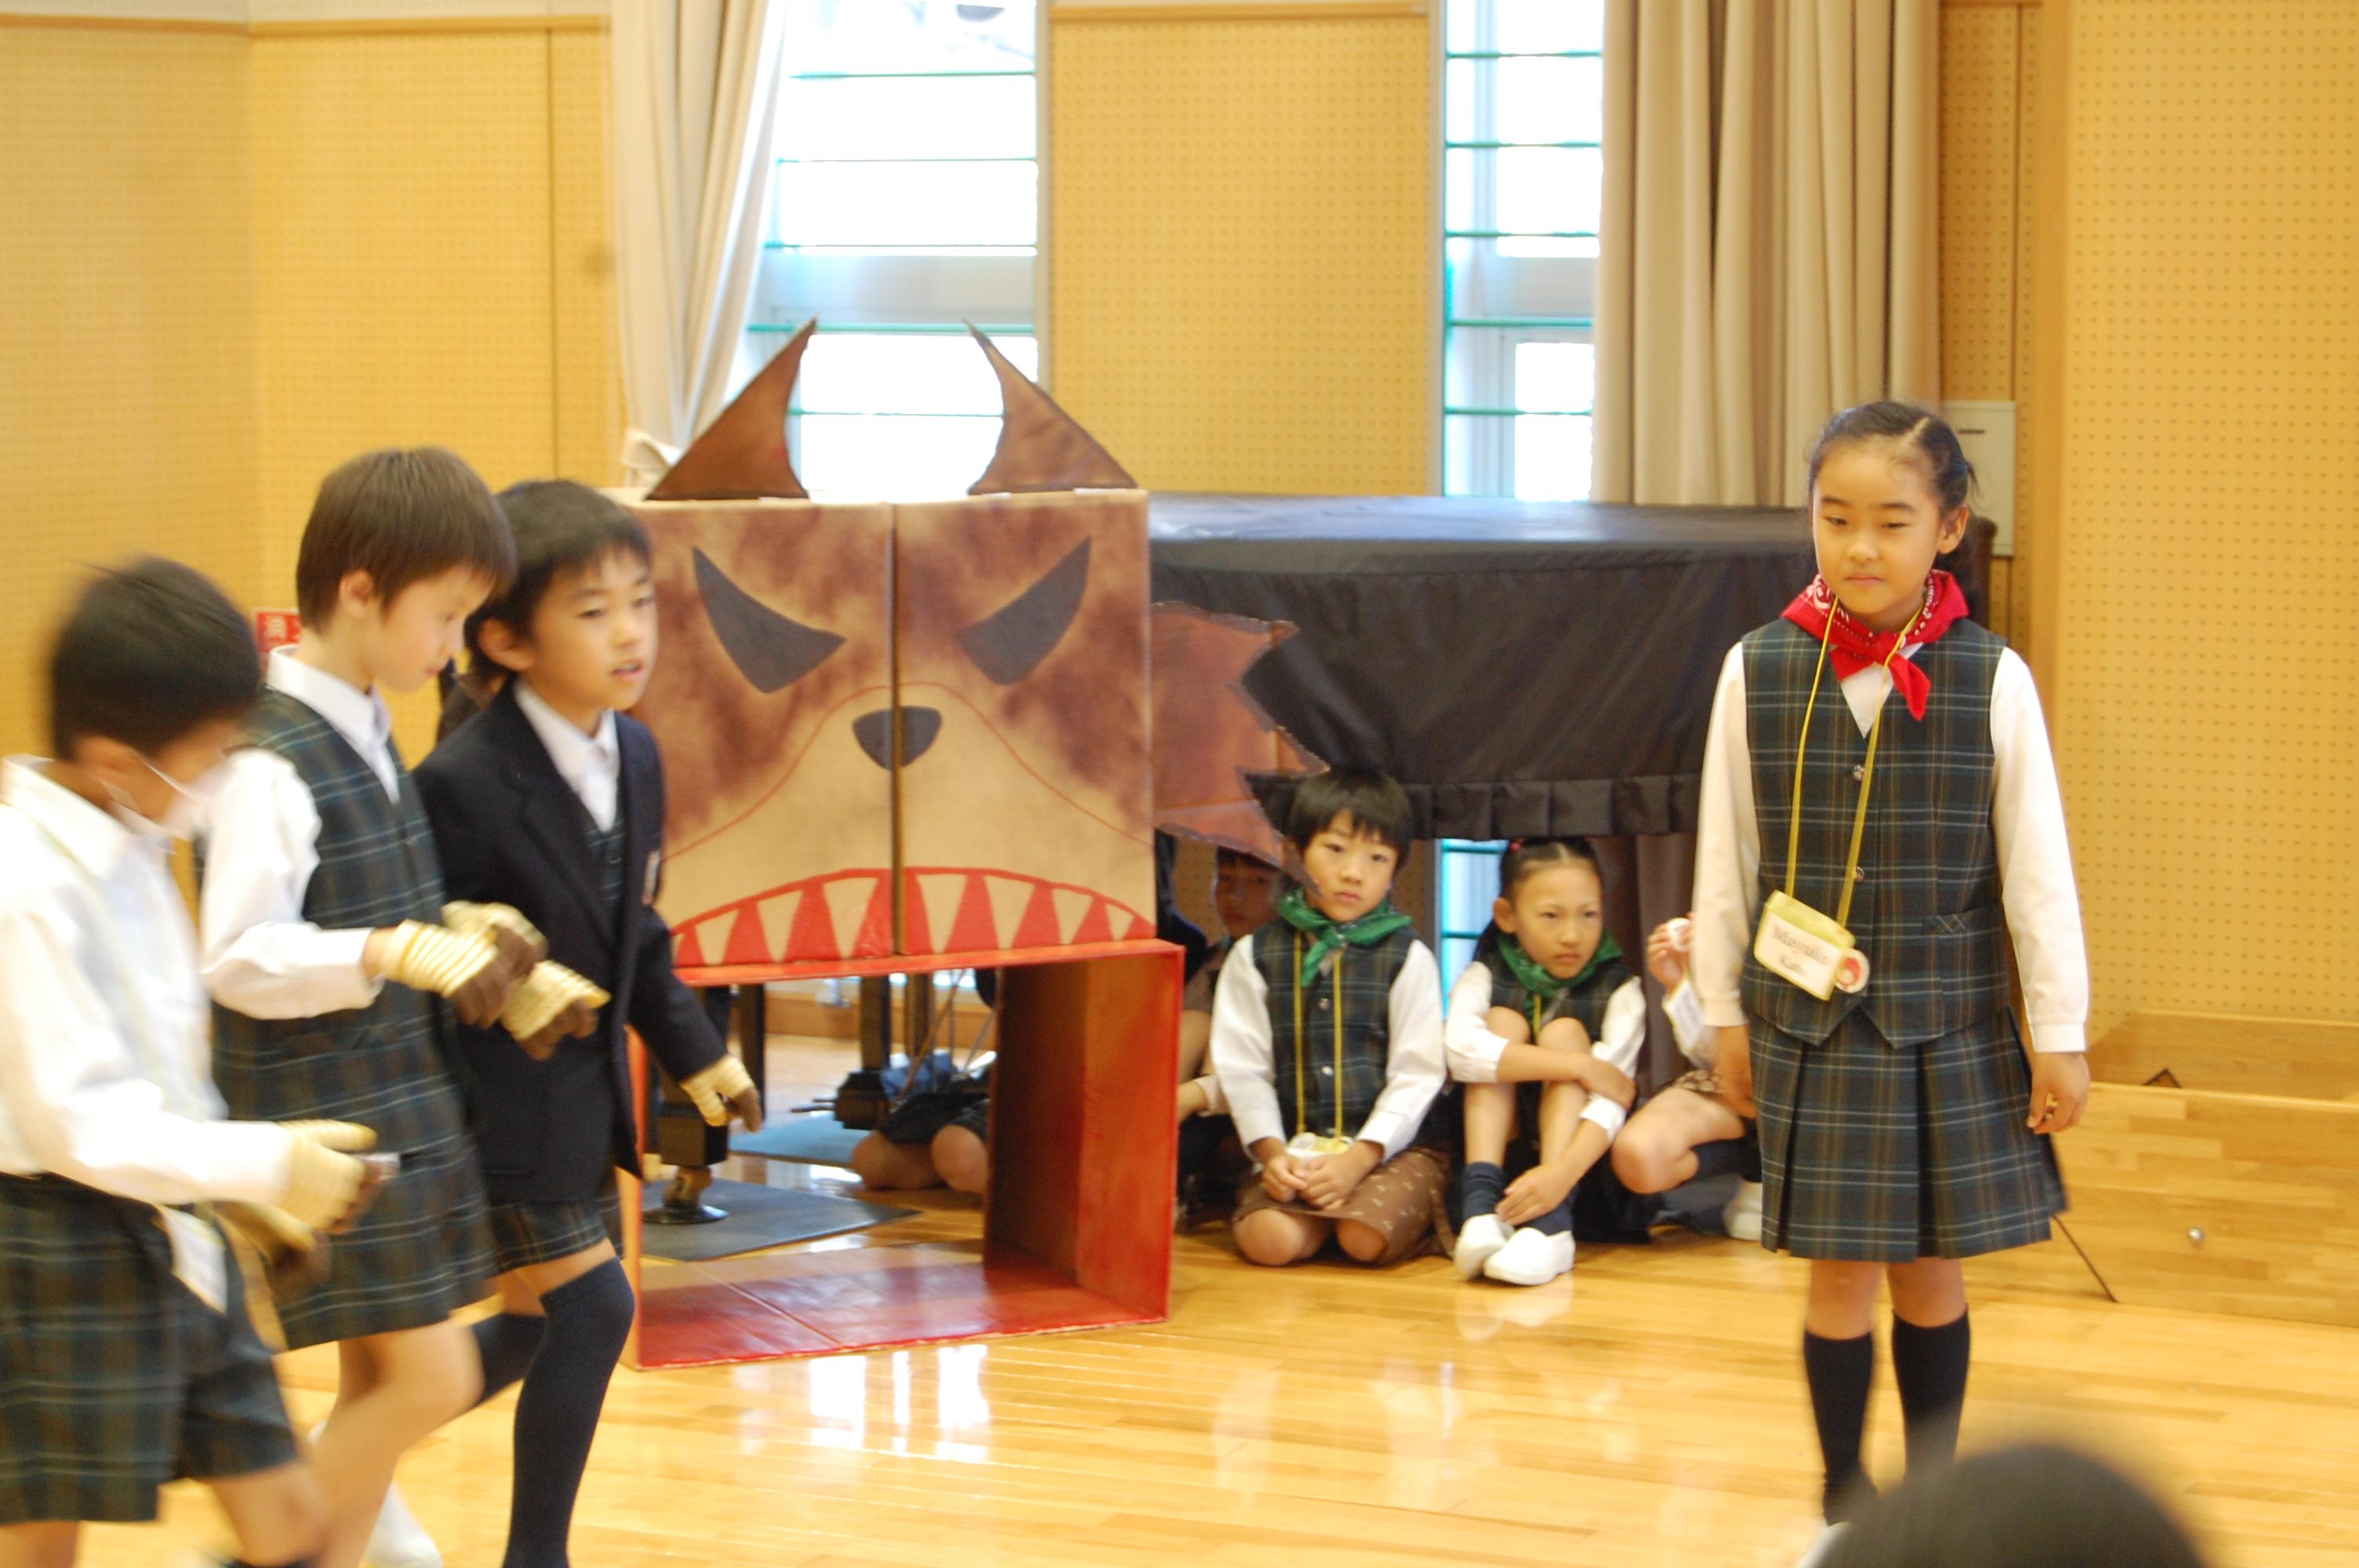 英語劇に取り組む2年生 : デイリースナップで見る学びのポイント - 岐阜聖徳学園大学附属小学校